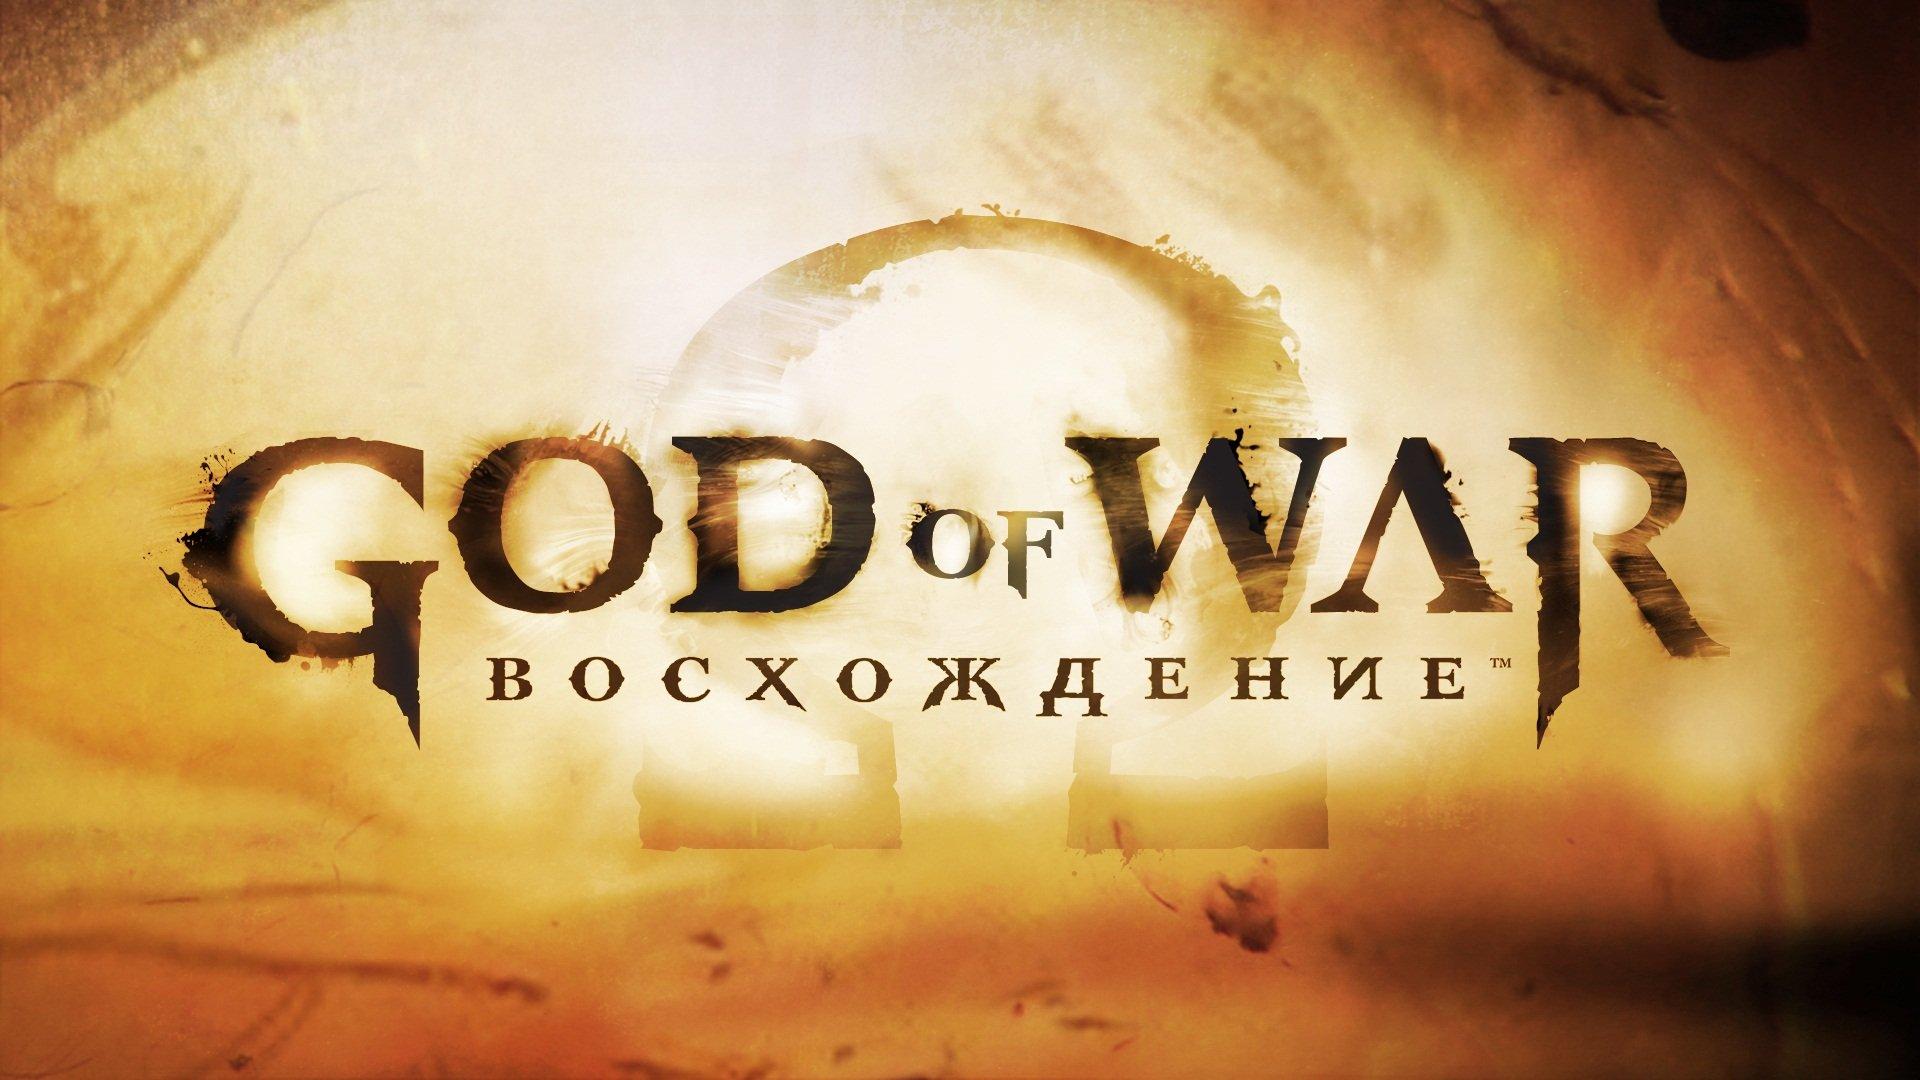 Мое знакомство с серией God of War произошло совсем недавно, где-то около полугода назад. Во глубоком безделье я отп ... - Изображение 1